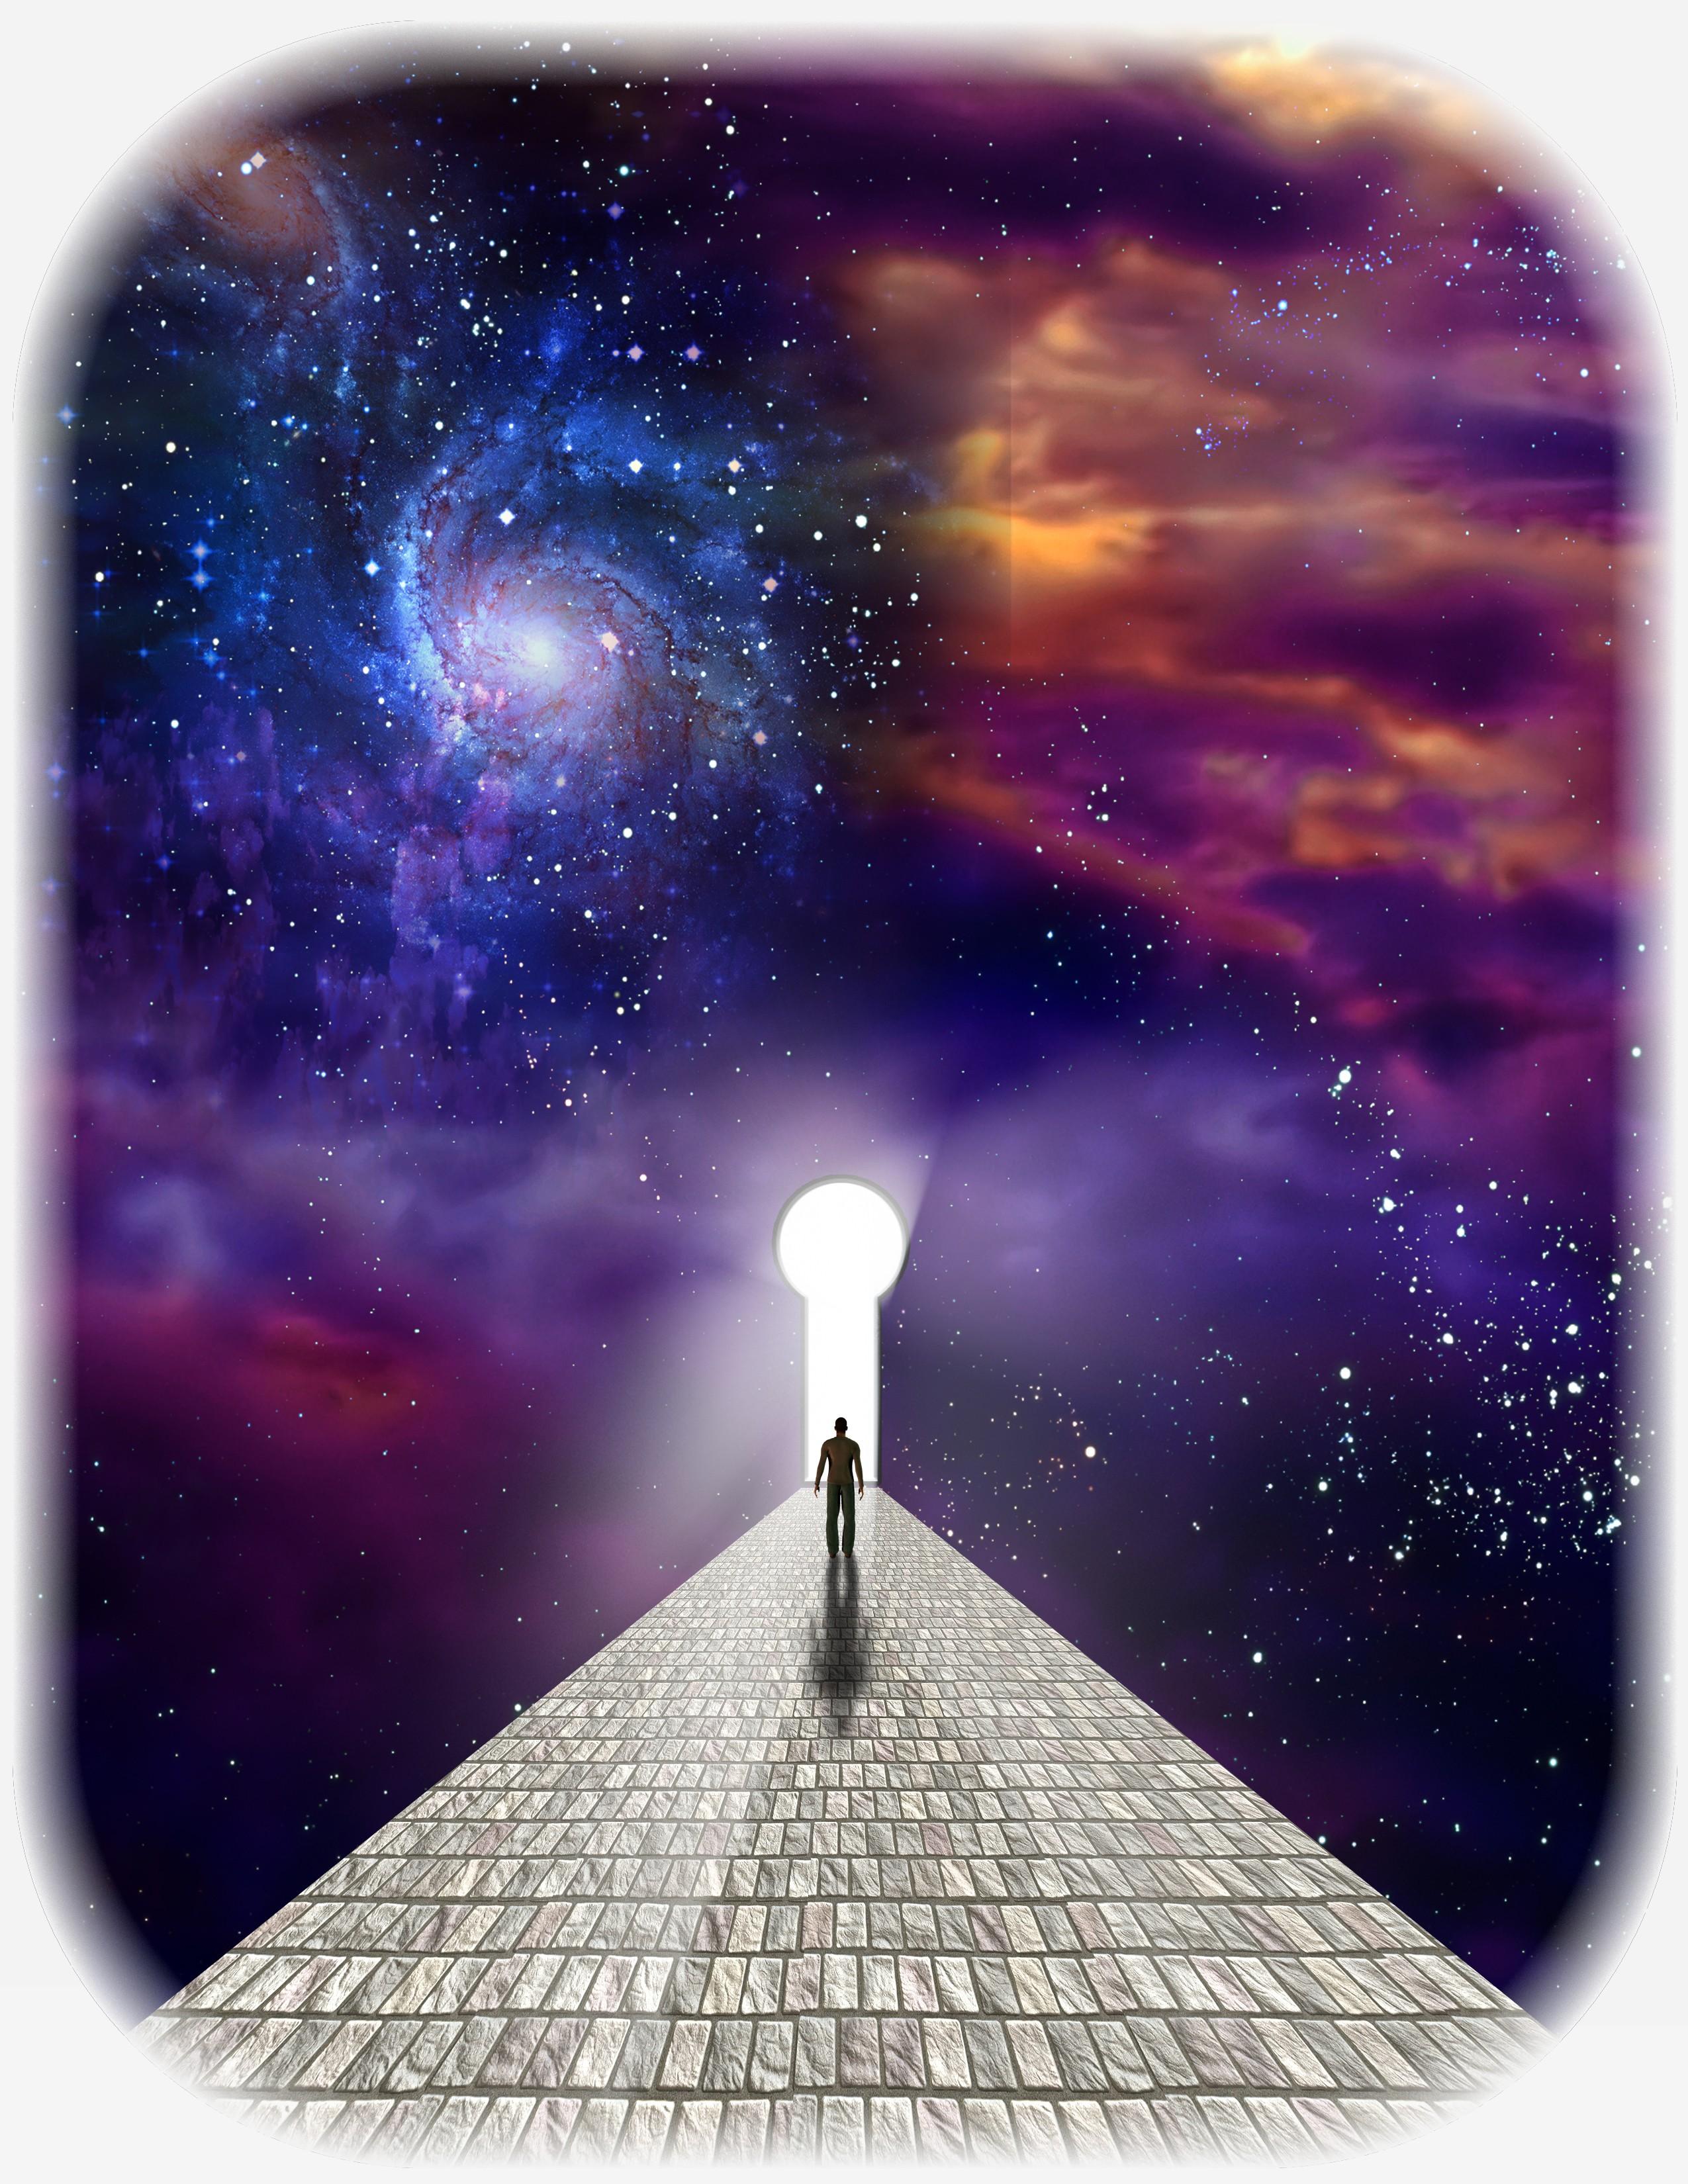 Magie voyance rencontre karmique